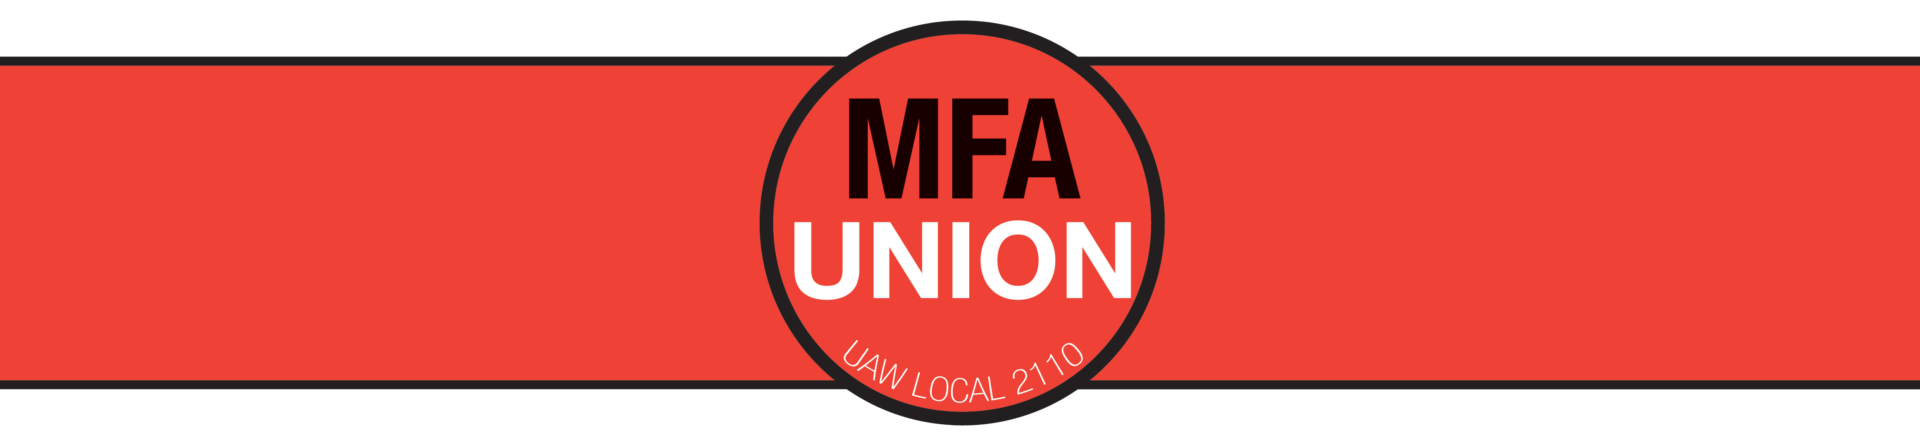 MFA Union